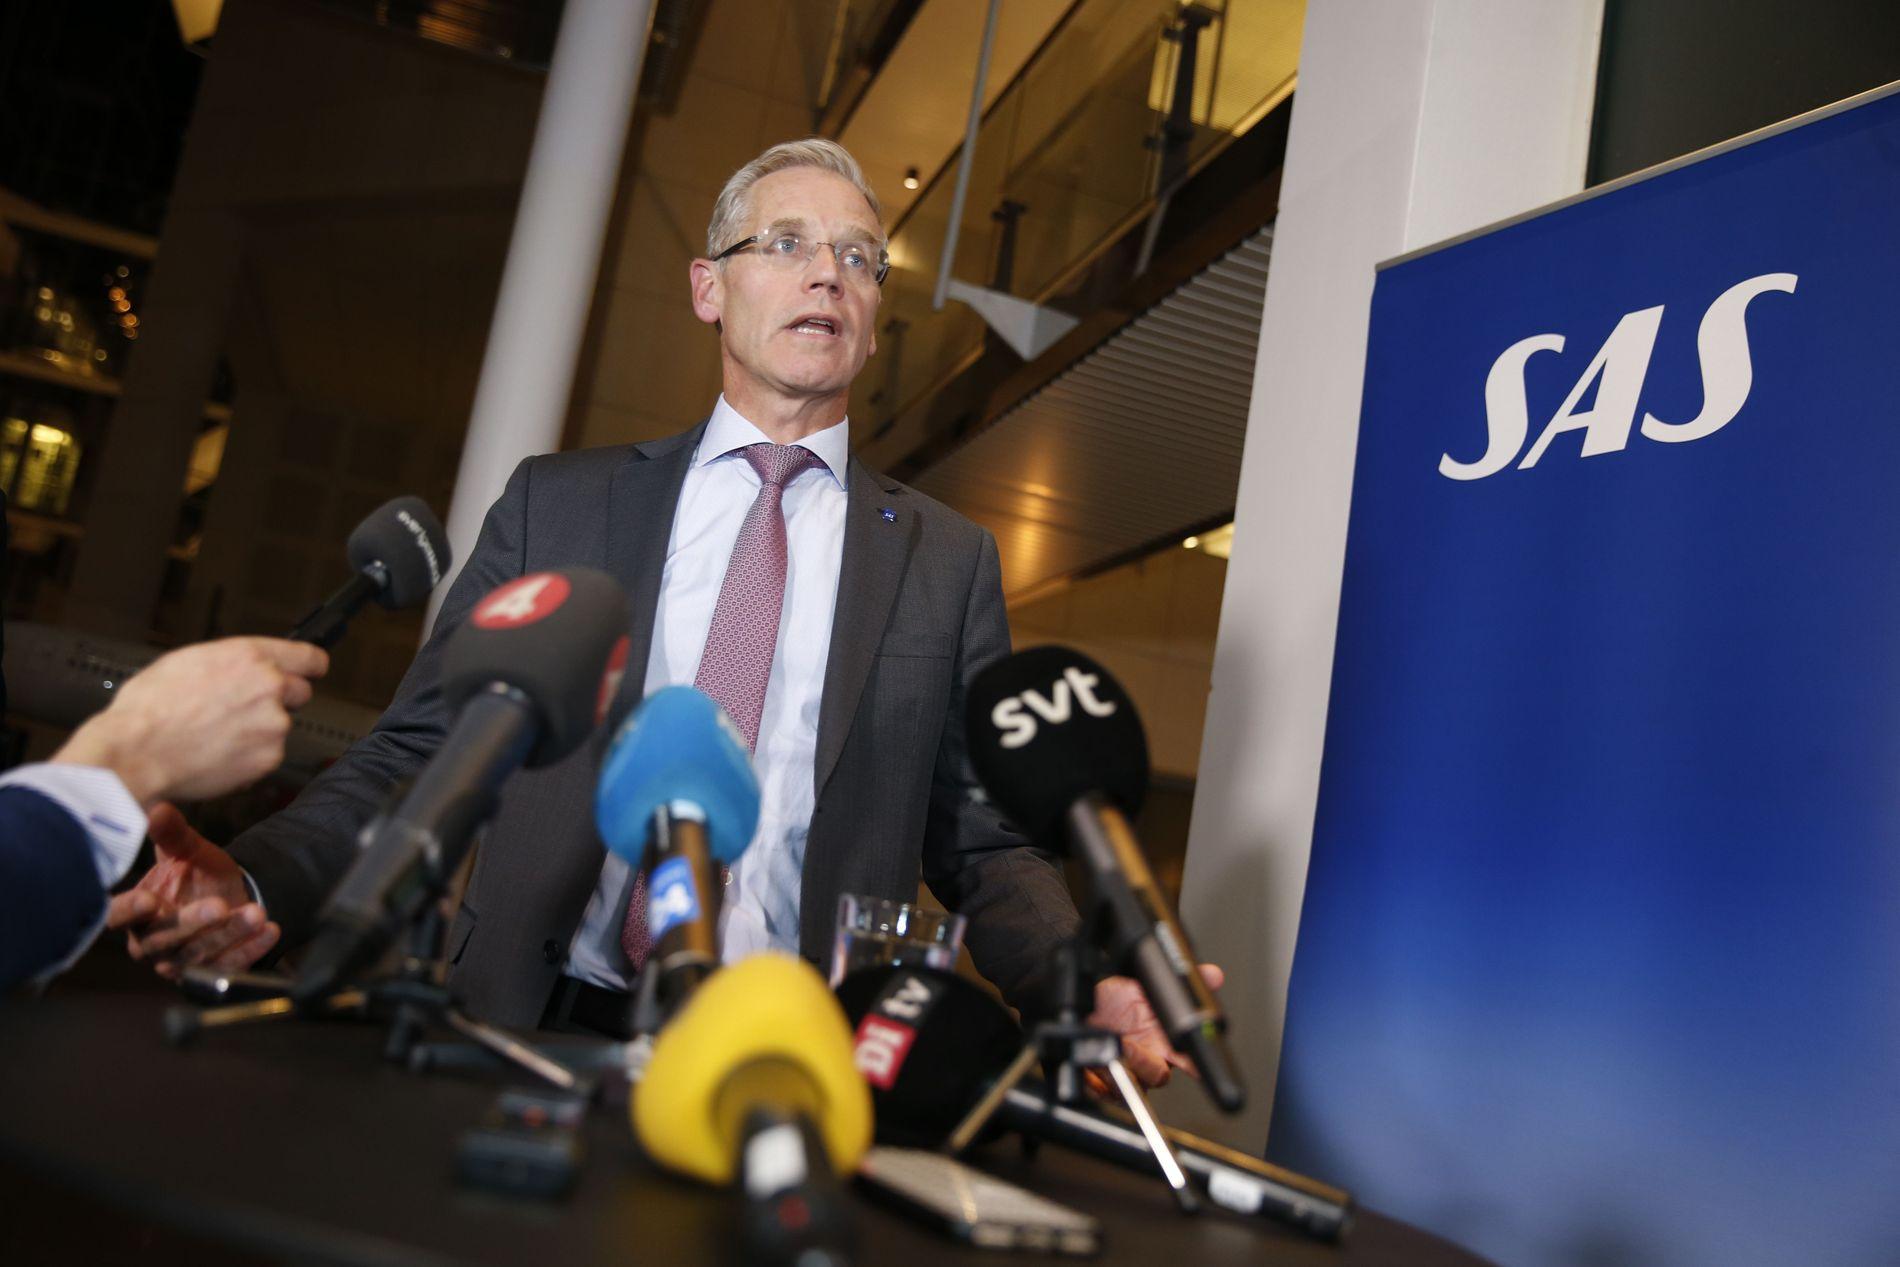 MØTTE PRESSEN: SAS-sjef Rickard Gustafson bekreftet torsdag kveld at partene er kommet til enighet, og at pilotstreiken er over.